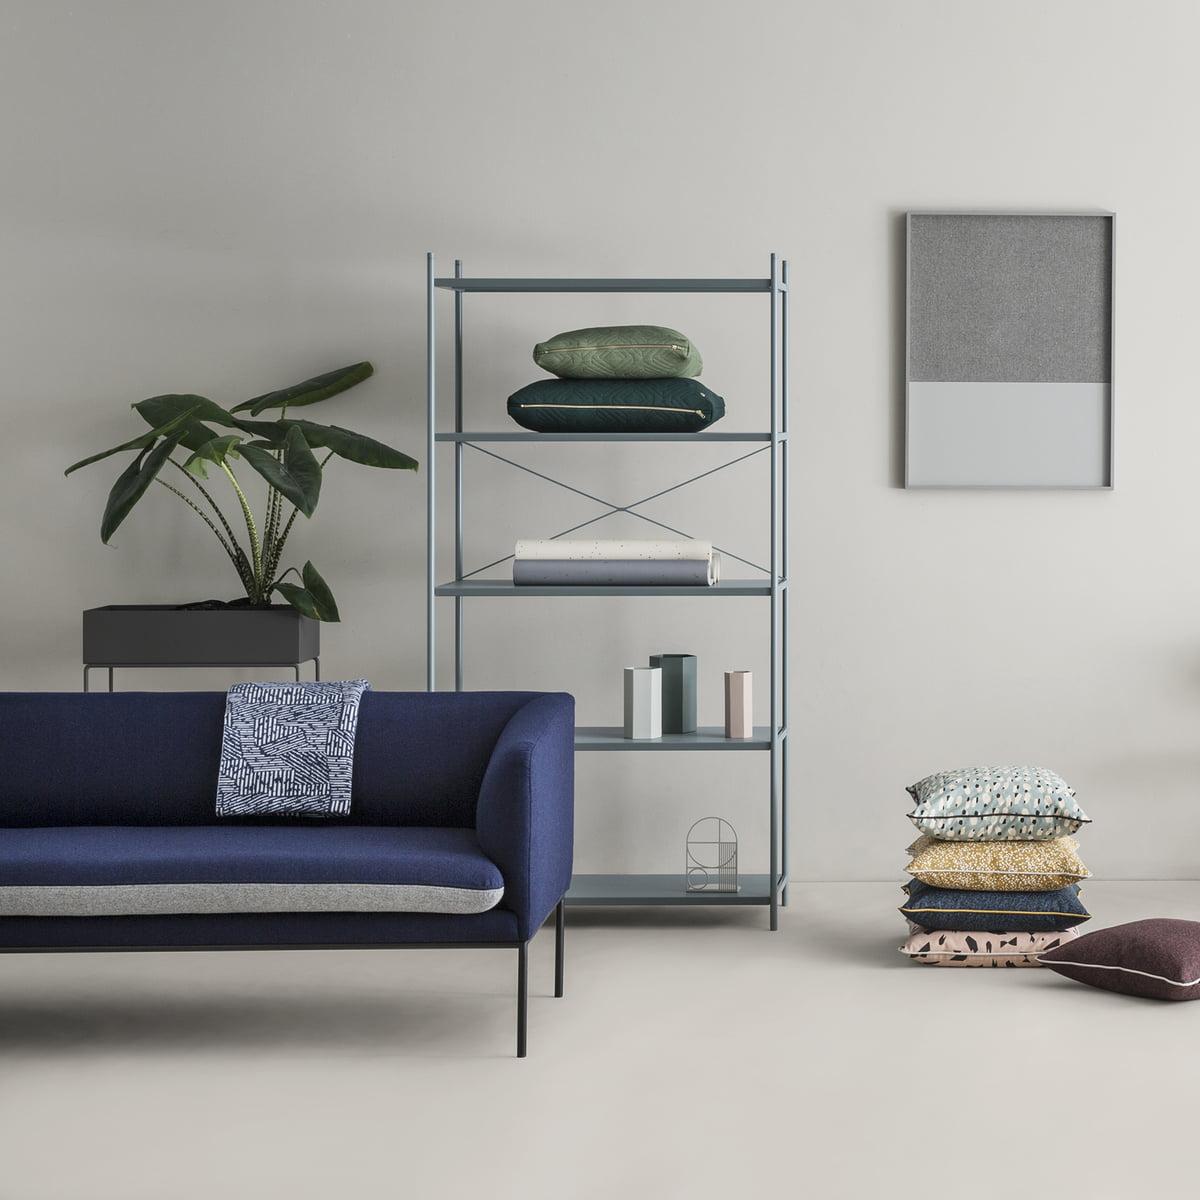 coussin arch de ferm living dans l 39 e boutique. Black Bedroom Furniture Sets. Home Design Ideas